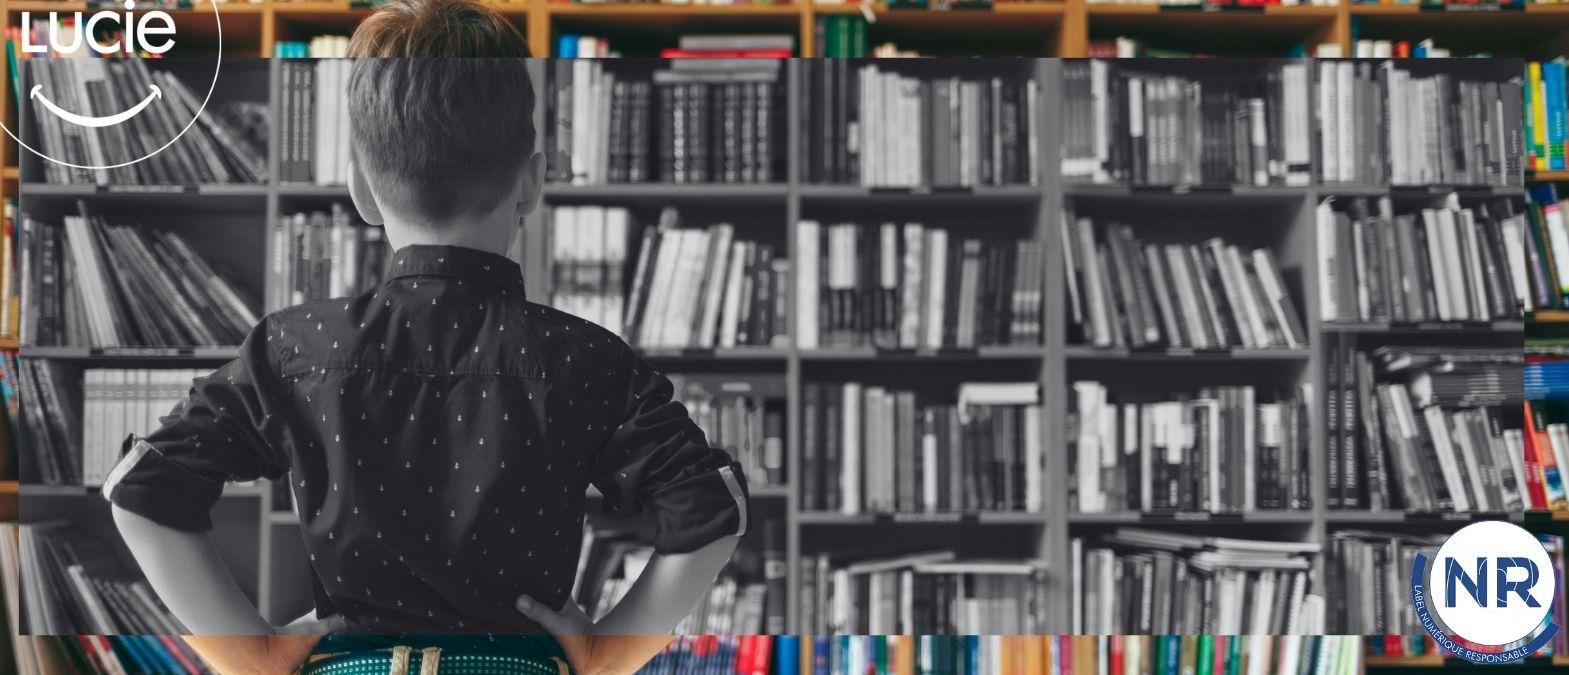 Photo d'un enfant qui regarde une bibliothéque plein de livres